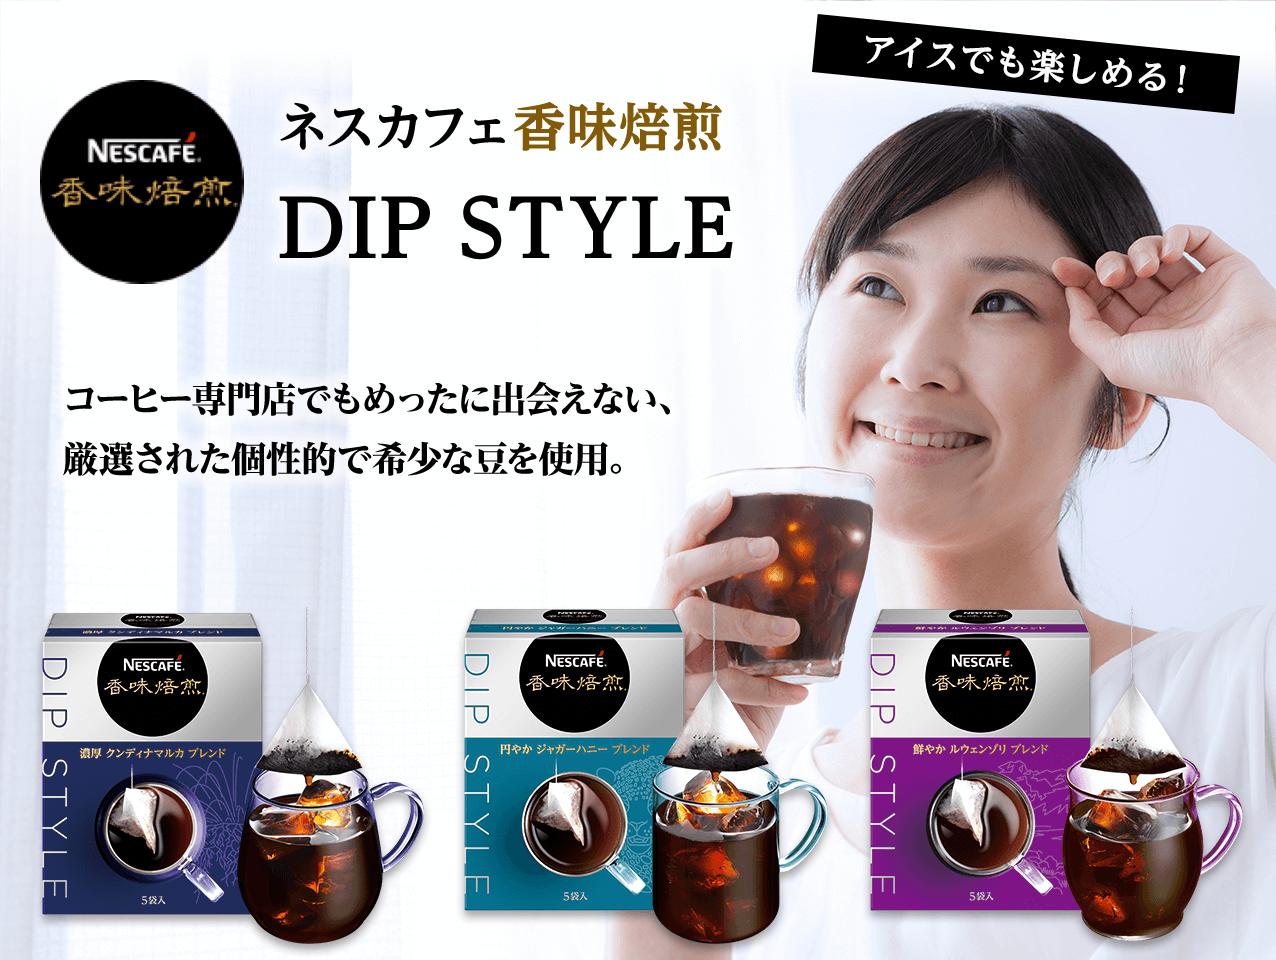 ネスカフェ香味焙煎DIP STYLE